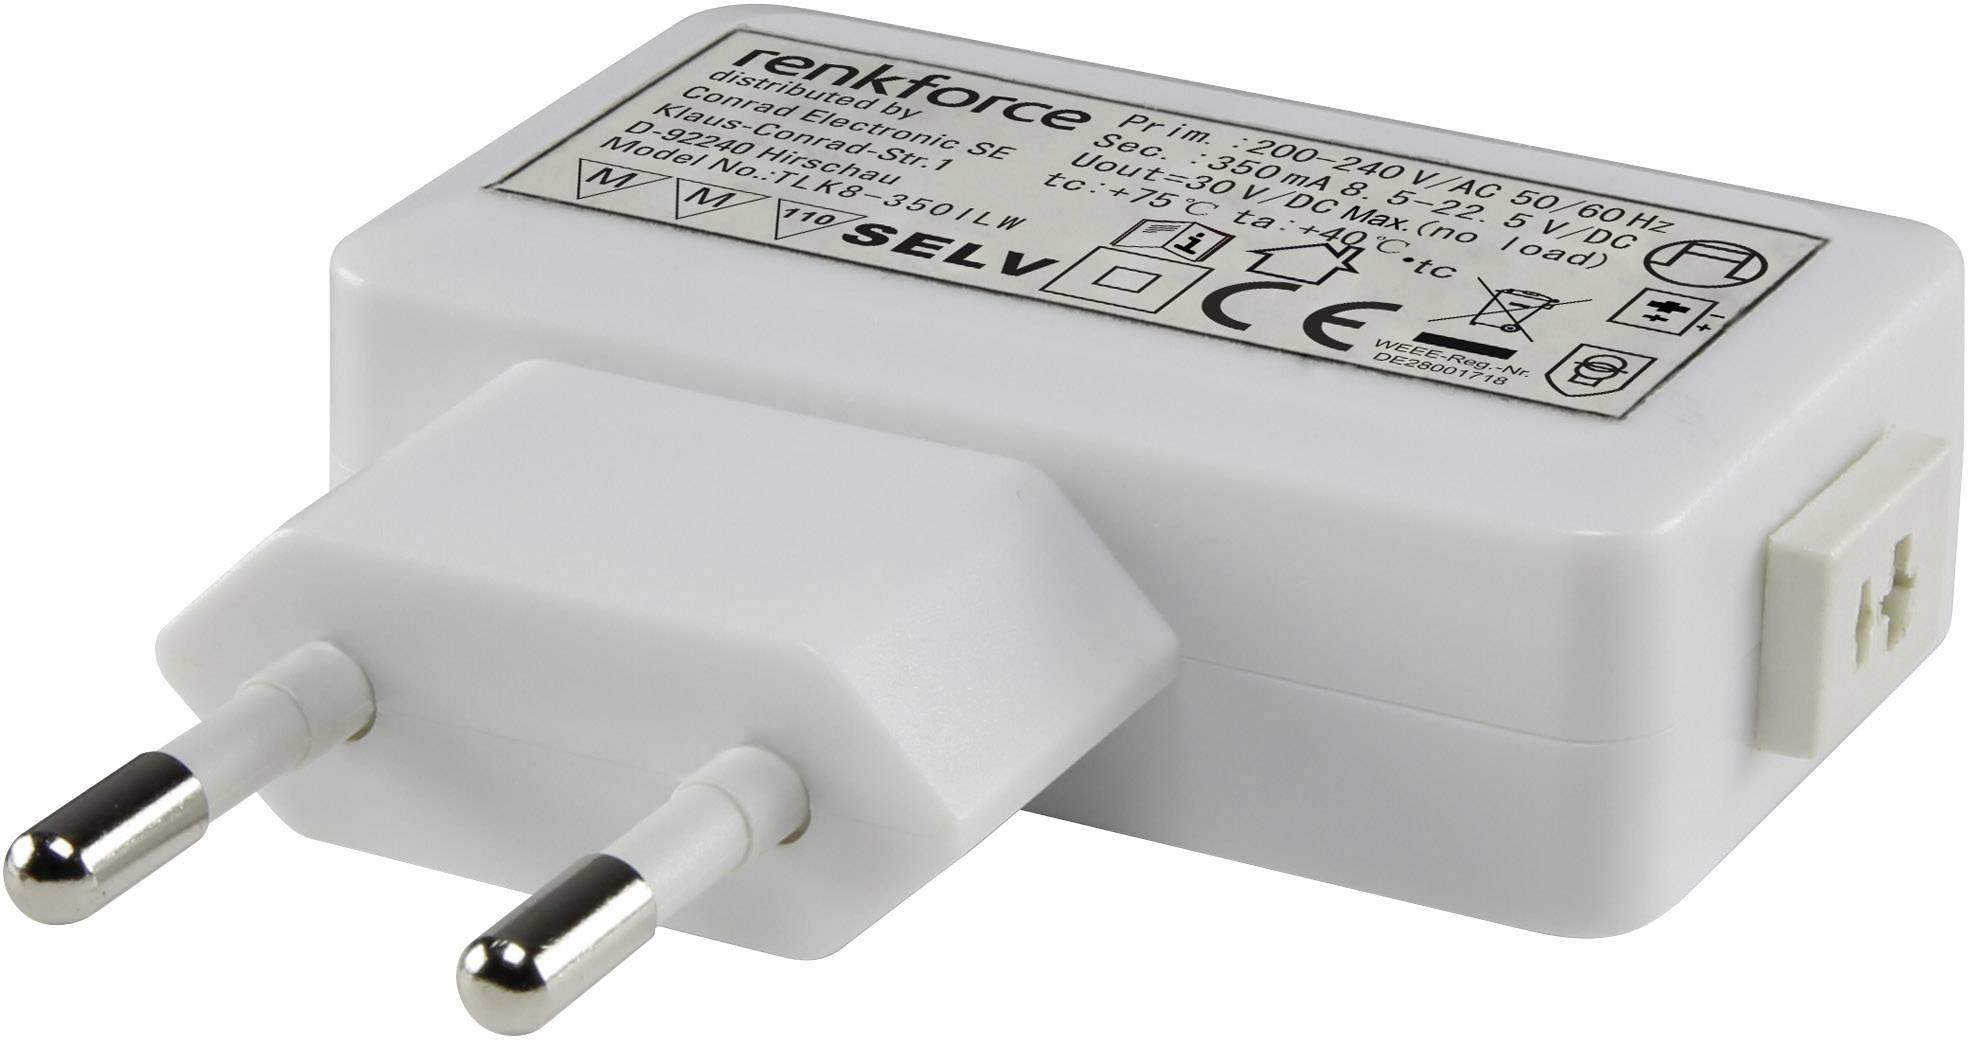 Sieťový adaptér Renkforce pre LED, 4-8 W, 12VDC, 350 mA, 9283c53, biela